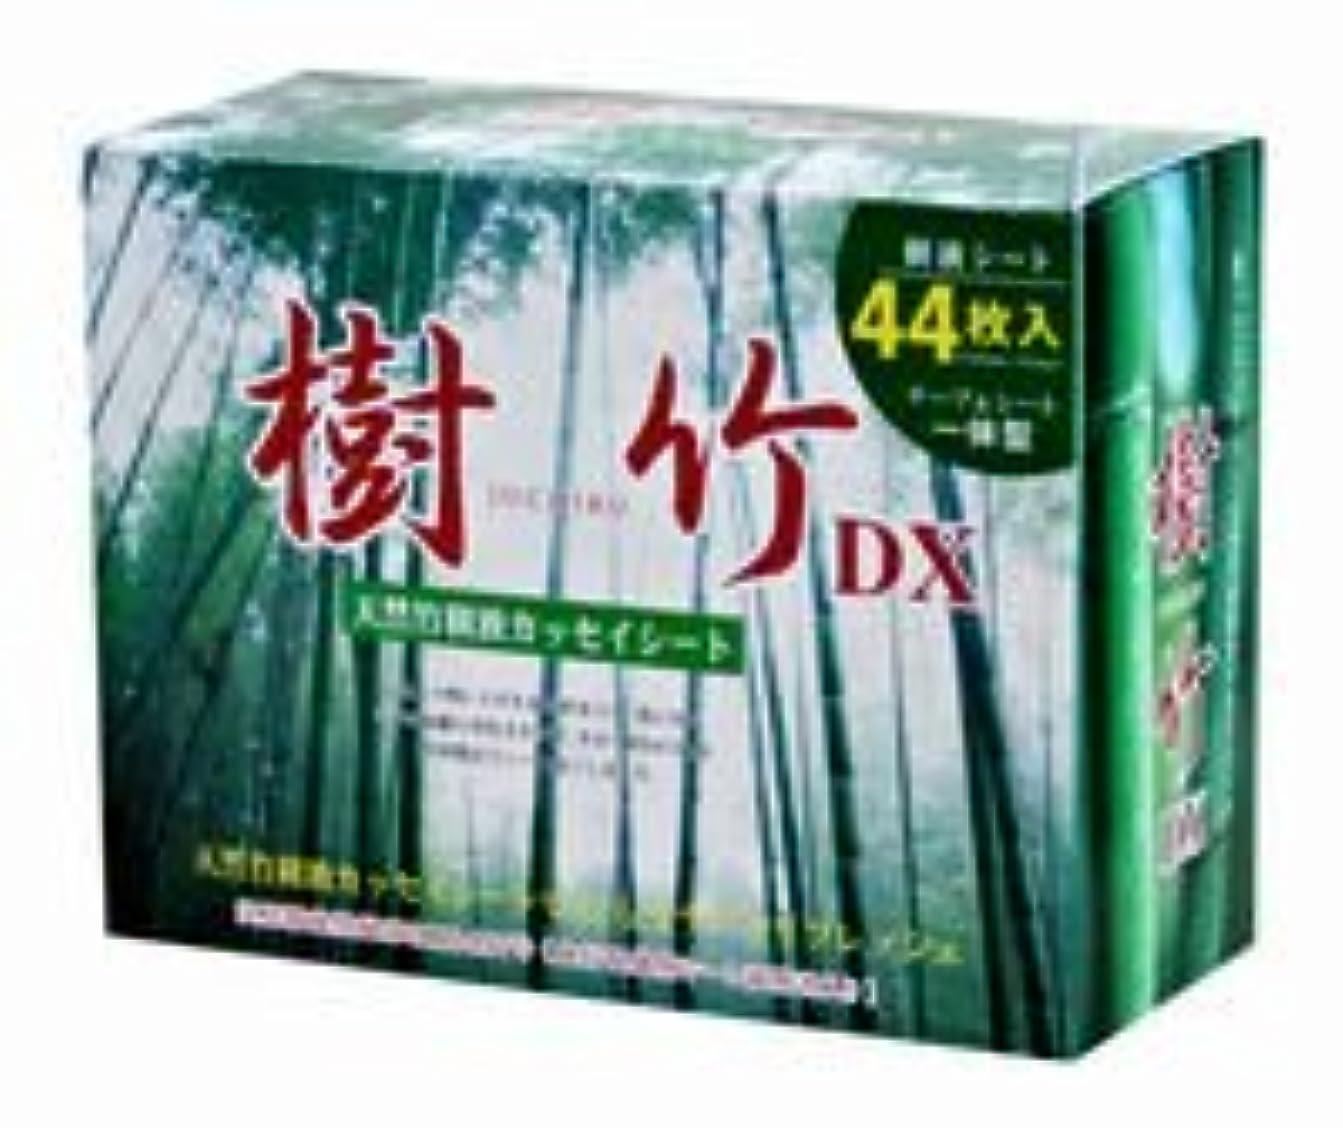 起きるベッド階段樹竹DX 44枚入 3箱セット